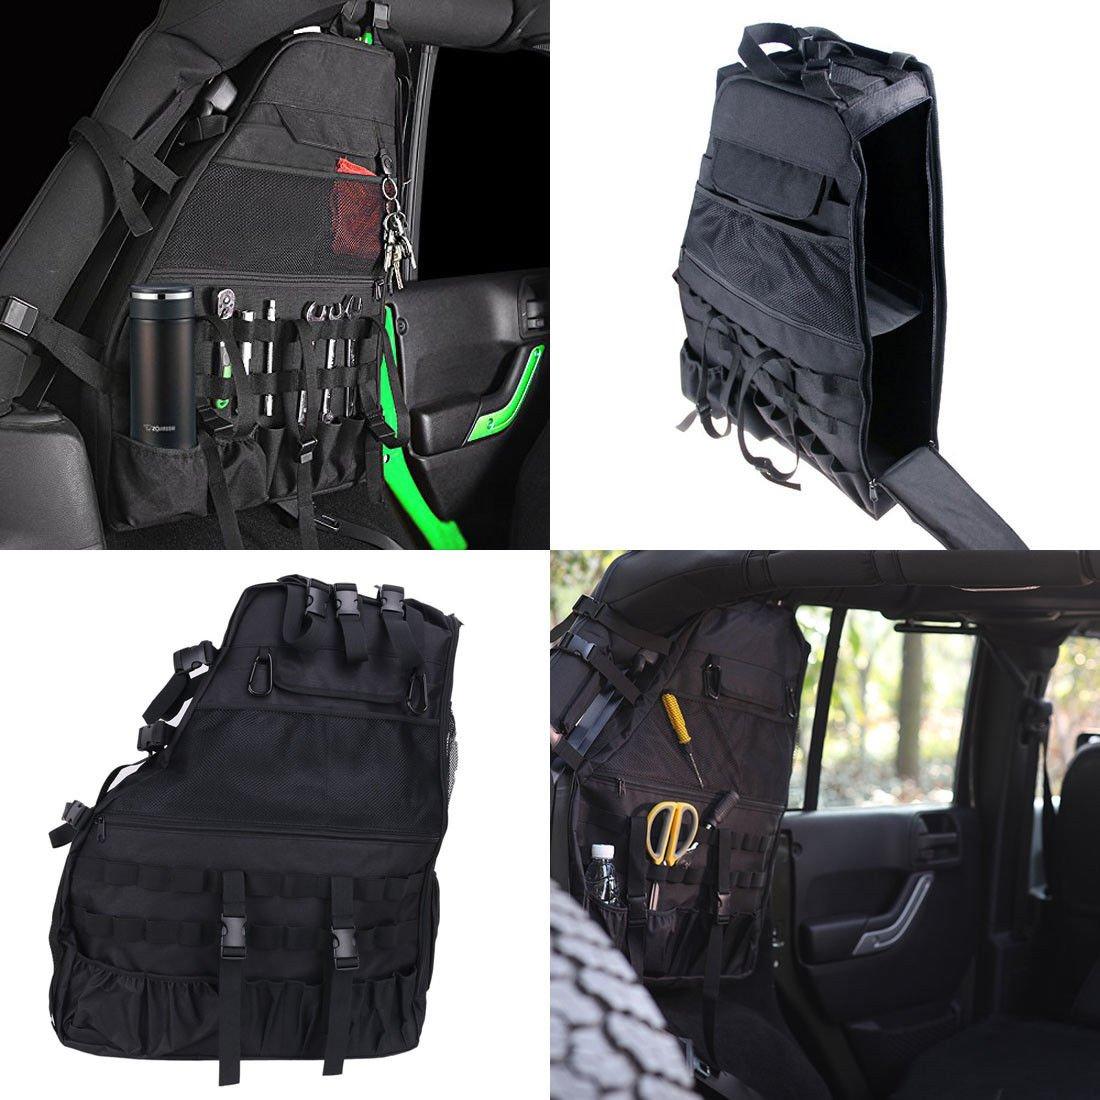 FidgetFidget Left Roll Bar Cargo Storage Bag Cage Tool Kit Saddlebag For Jeep Wrangler 4 Door